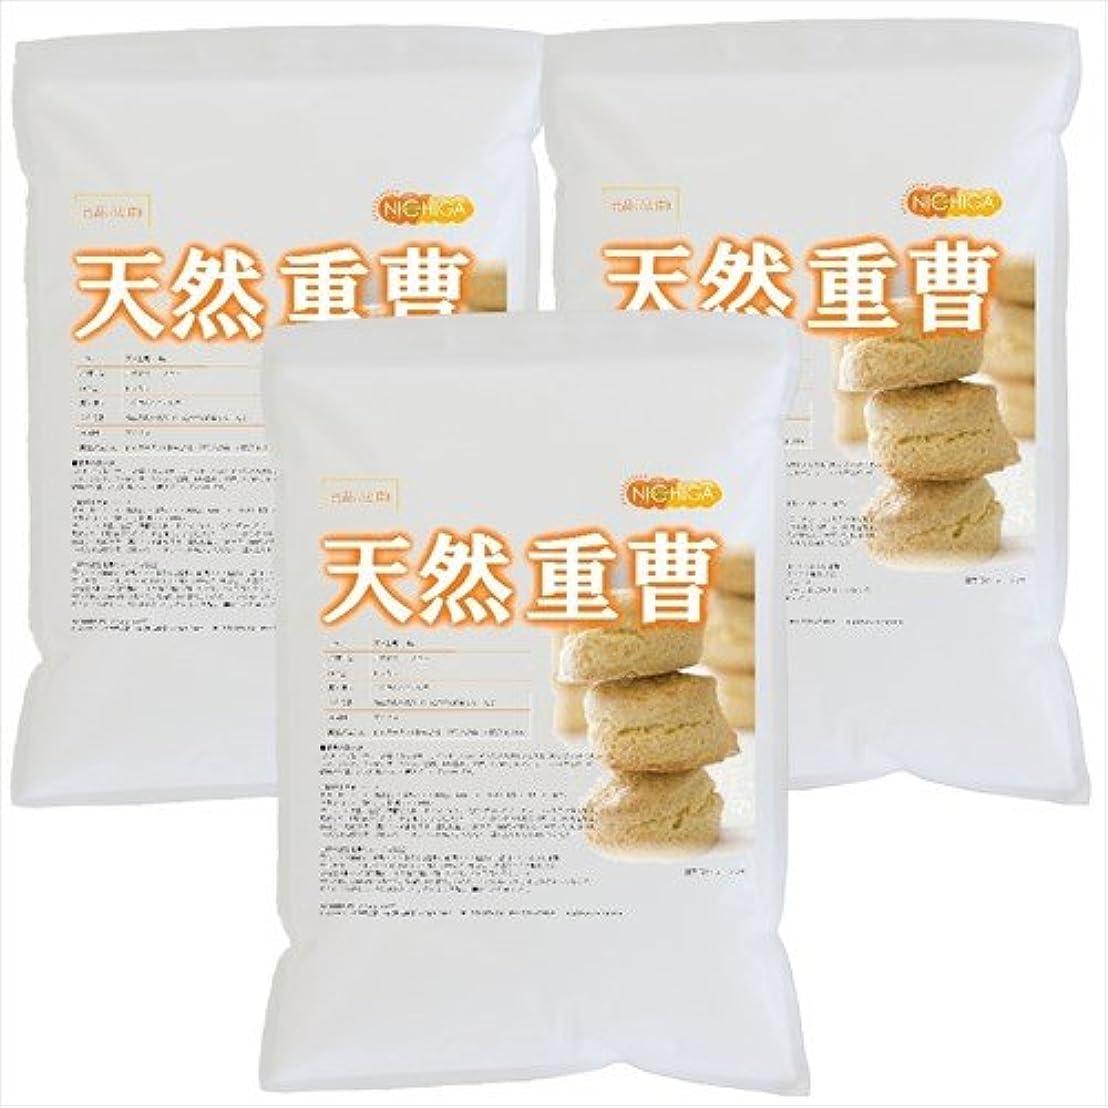 さておき耐える同様の天然 重曹 5kg×3袋 [02] 炭酸水素ナトリウム 食品添加物(食品用)NICHIGA(ニチガ)